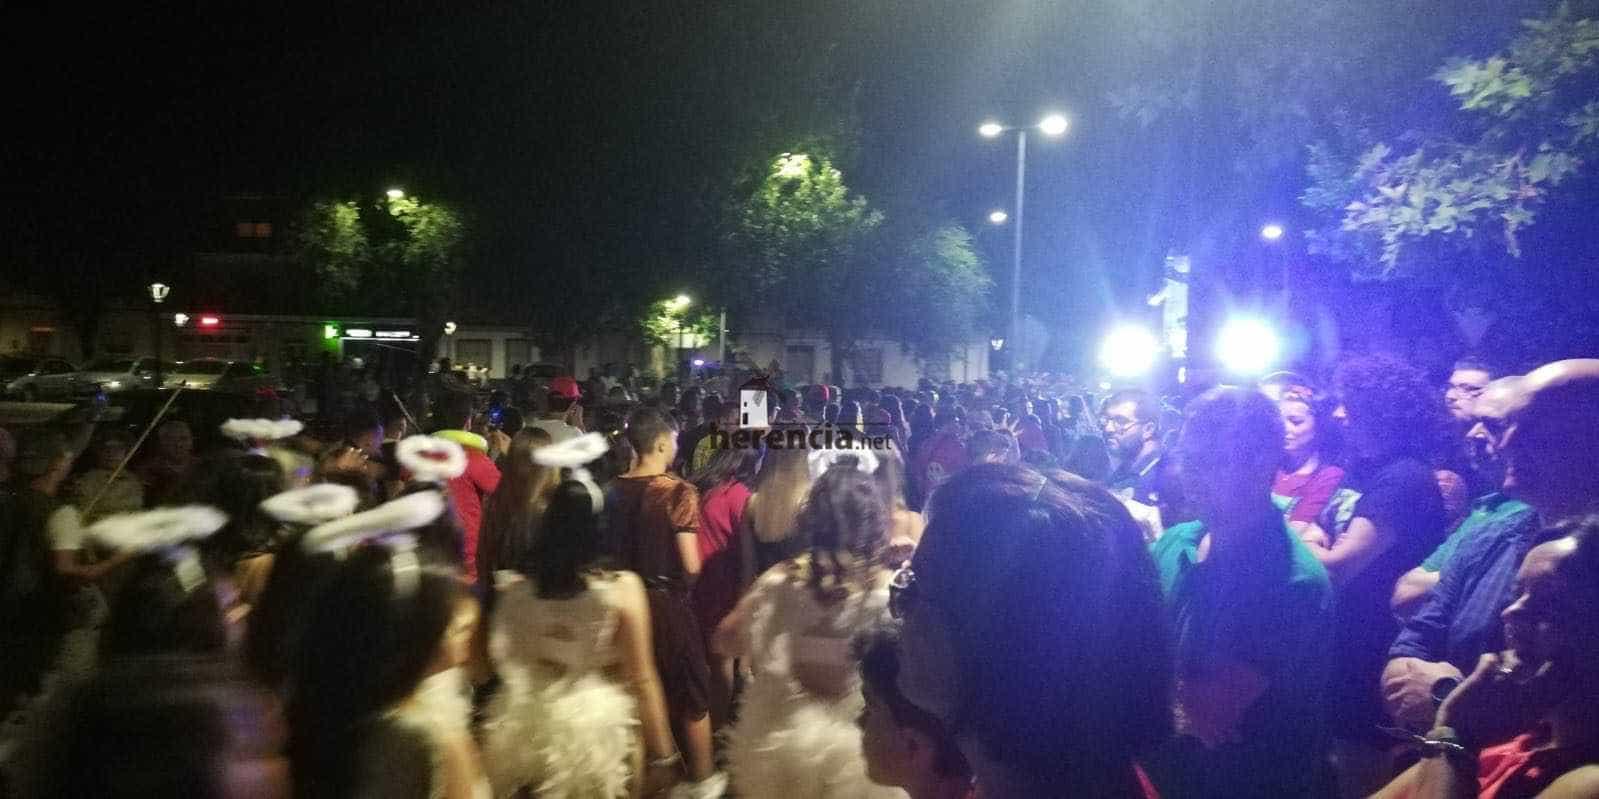 Carnaval de herencia 2019 galeria 6 - Galería de fotografías del Carnaval de Verano 2019